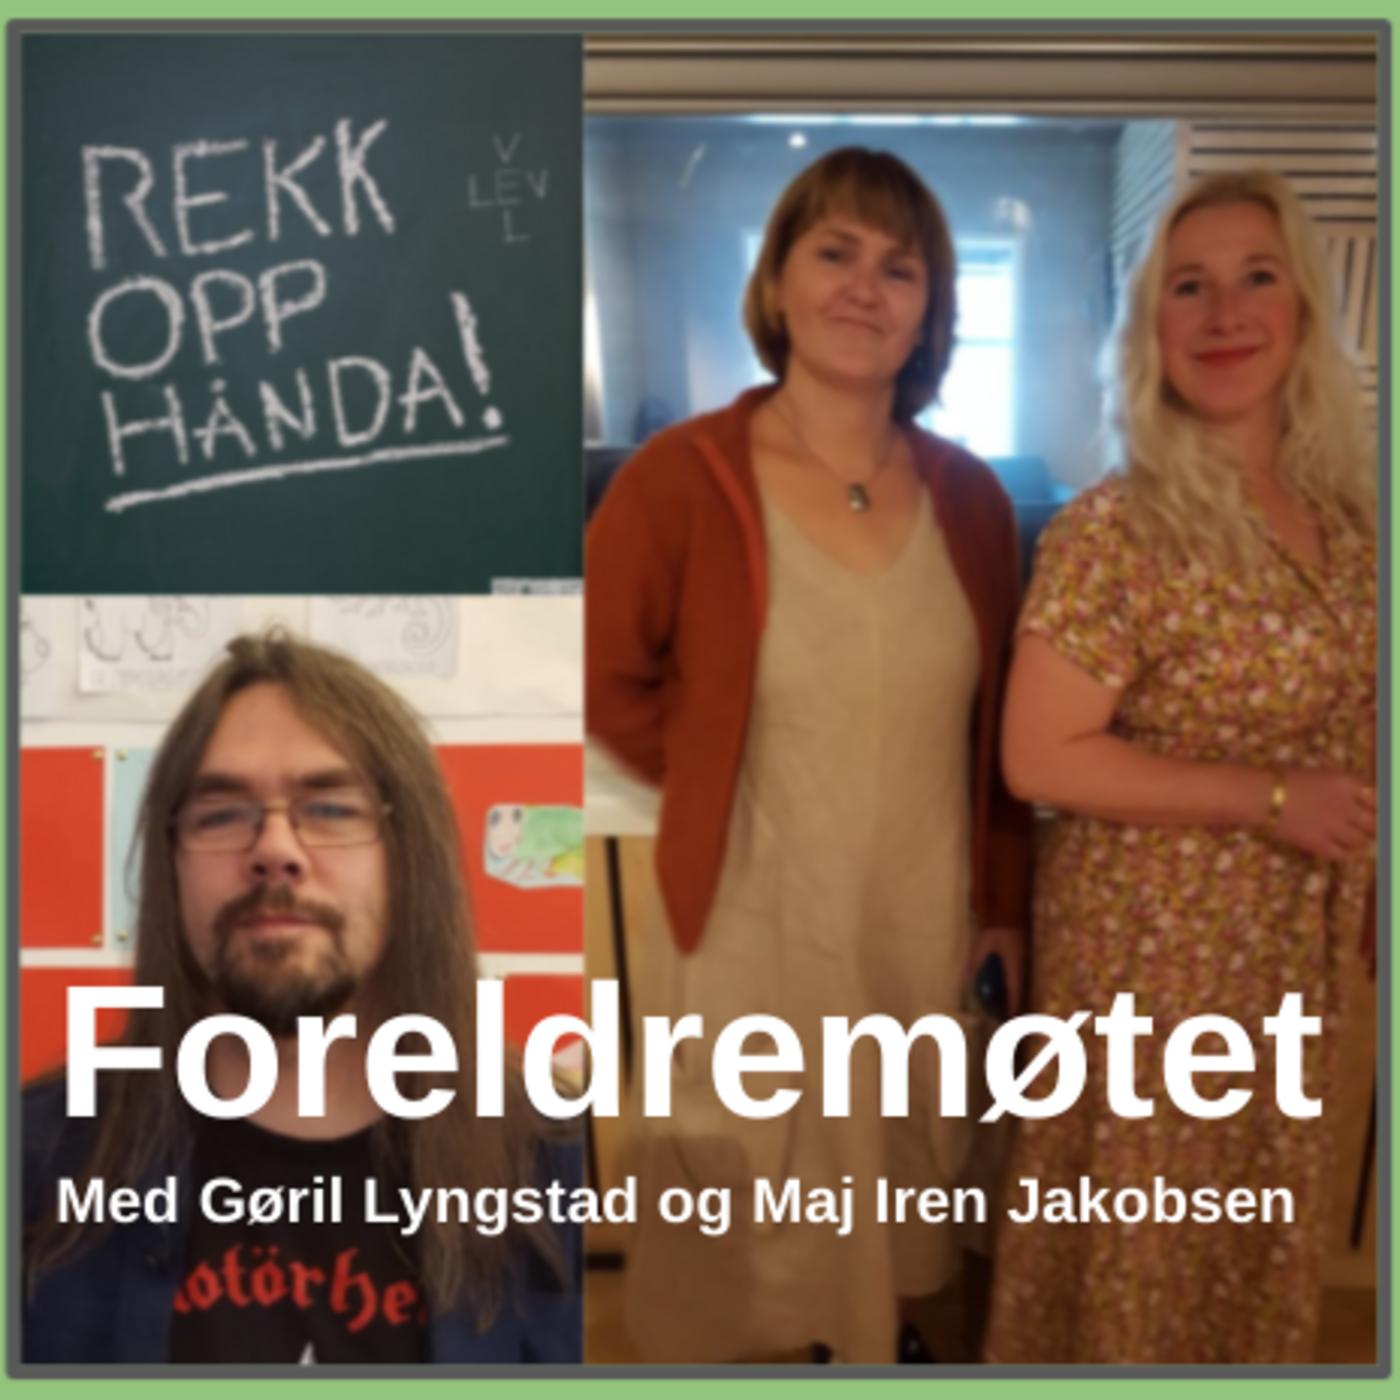 Det gode foreldremøtet med Gøril Lyngstad og Maj Iren Jakobsen